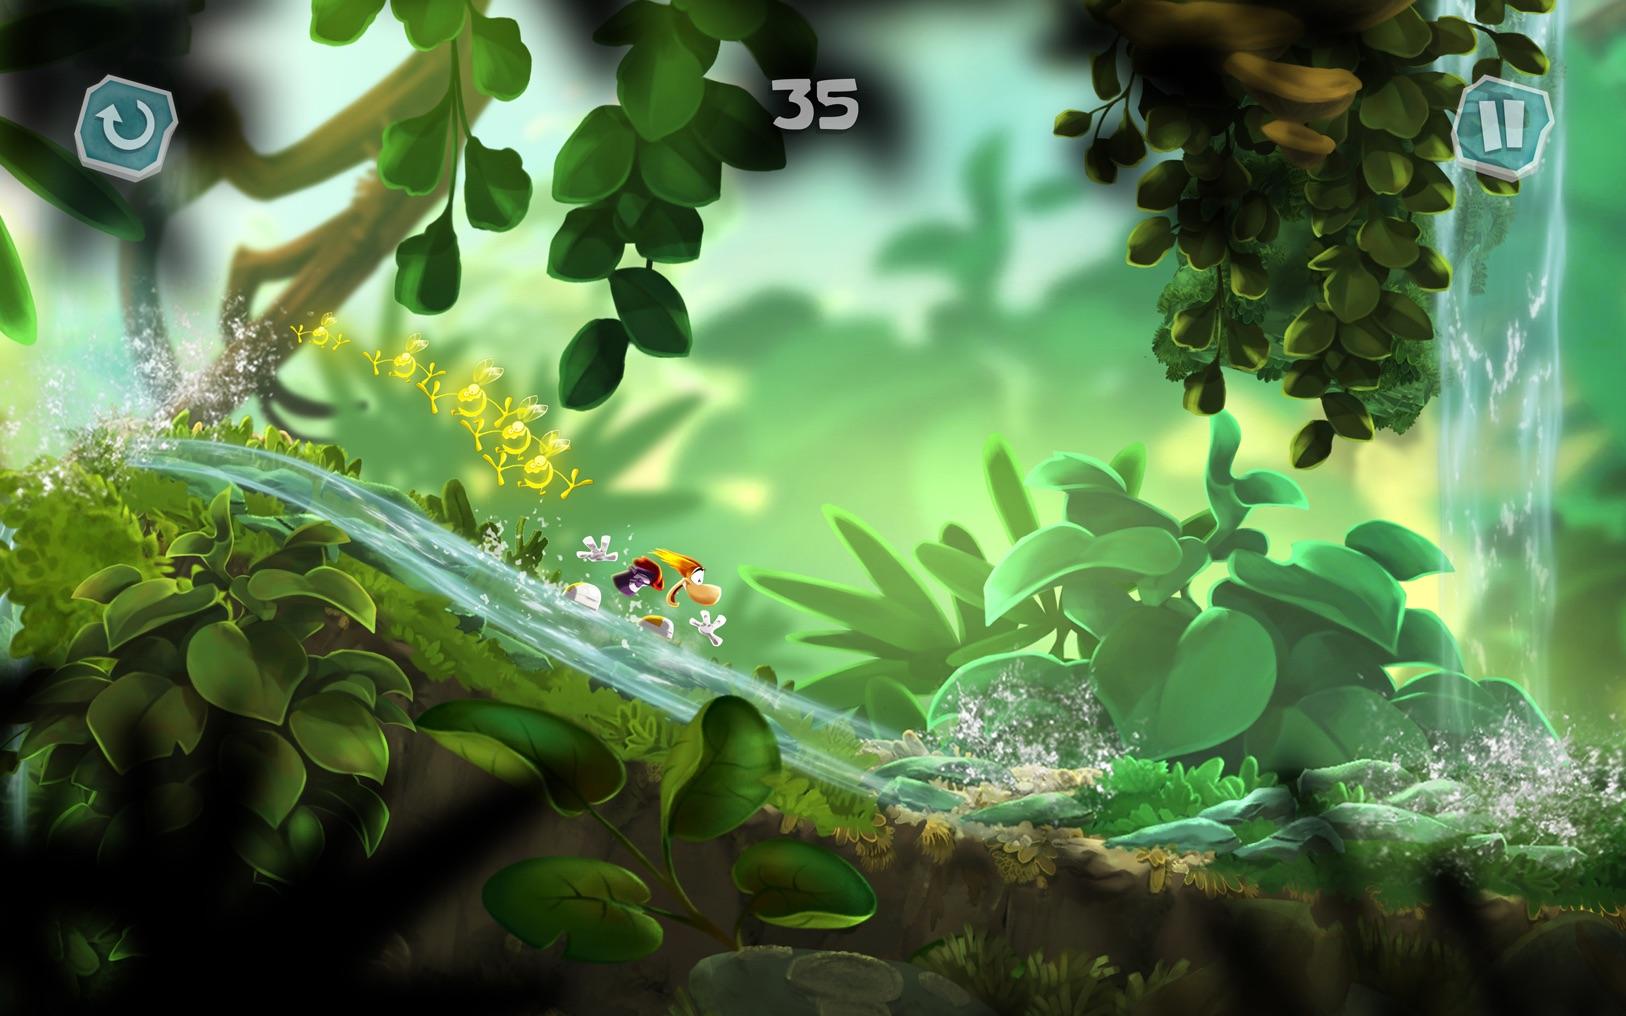 雷曼:迷你 Rayman Mini 1.11 Mac 破解版 人气动作跑酷类游戏-麦氪搜(iMacso.com)